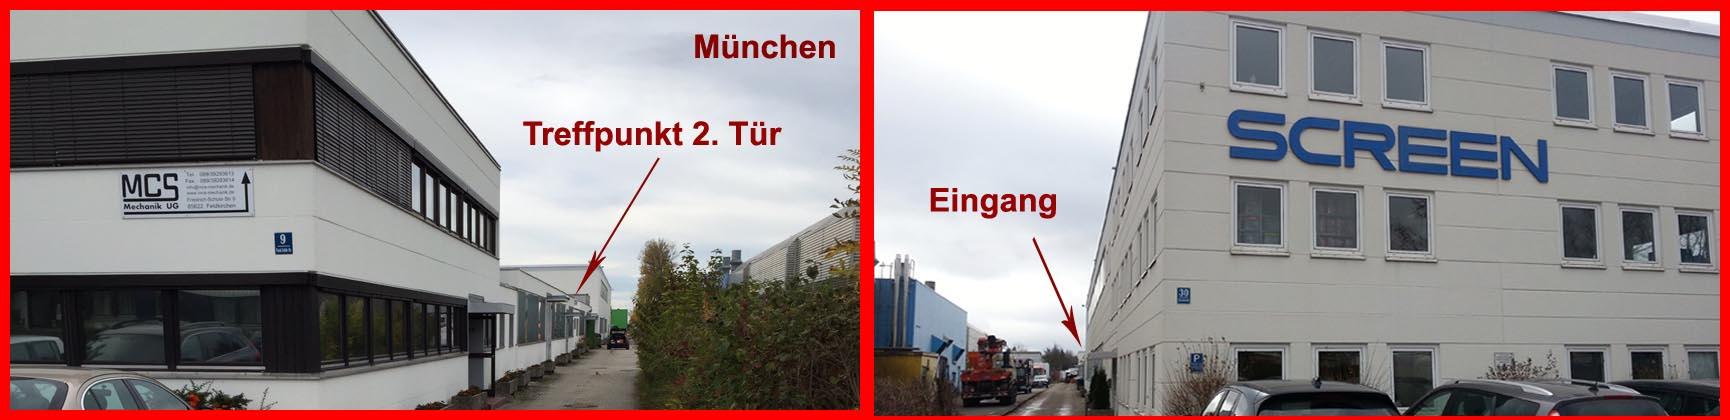 Schulungsort für Staplerschein in München